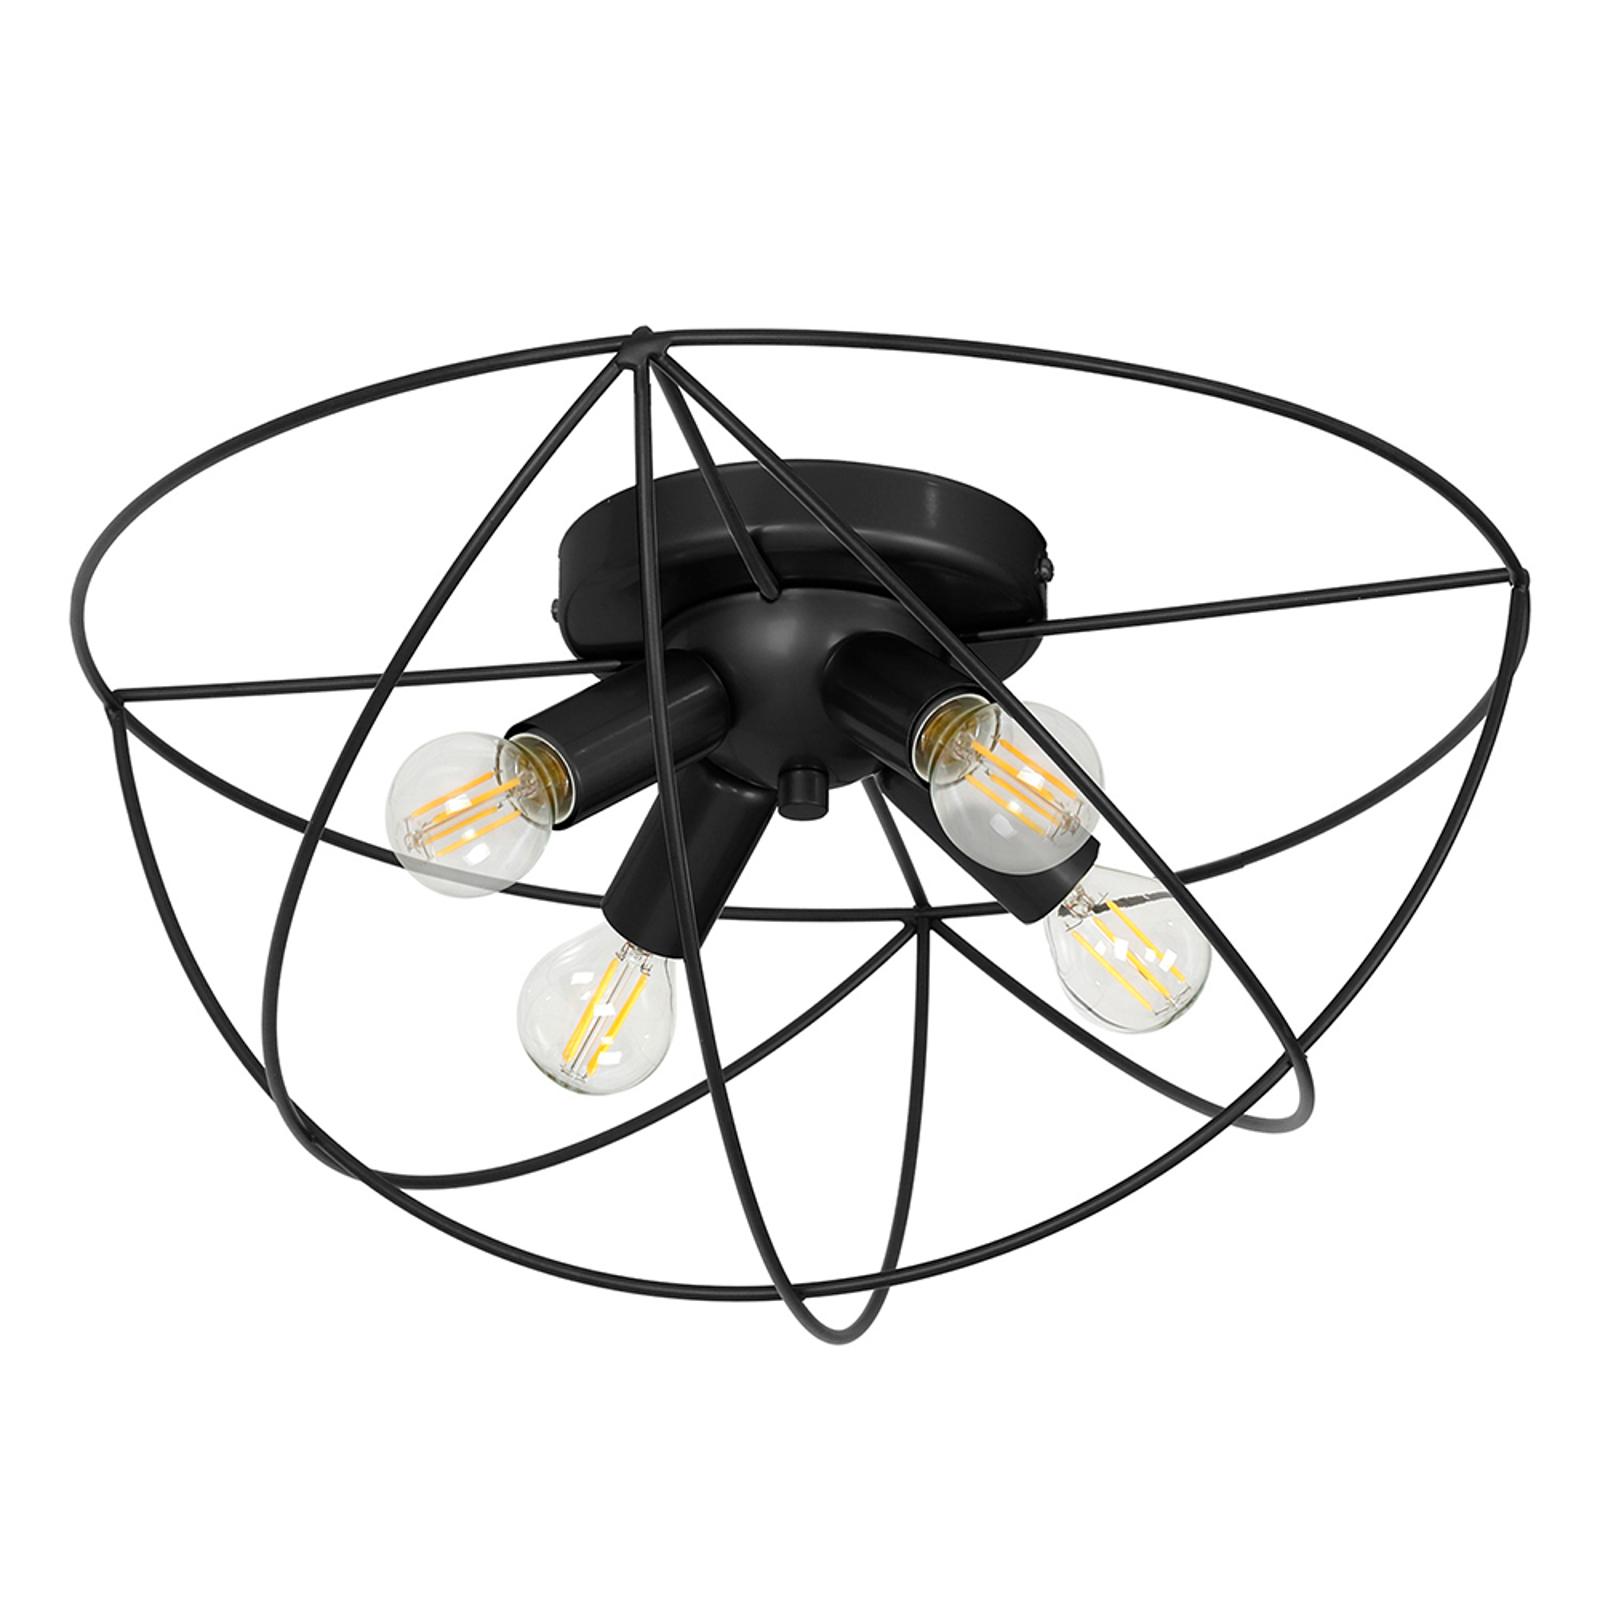 Deckenleuchte Copernicus, vierflammig schwarz